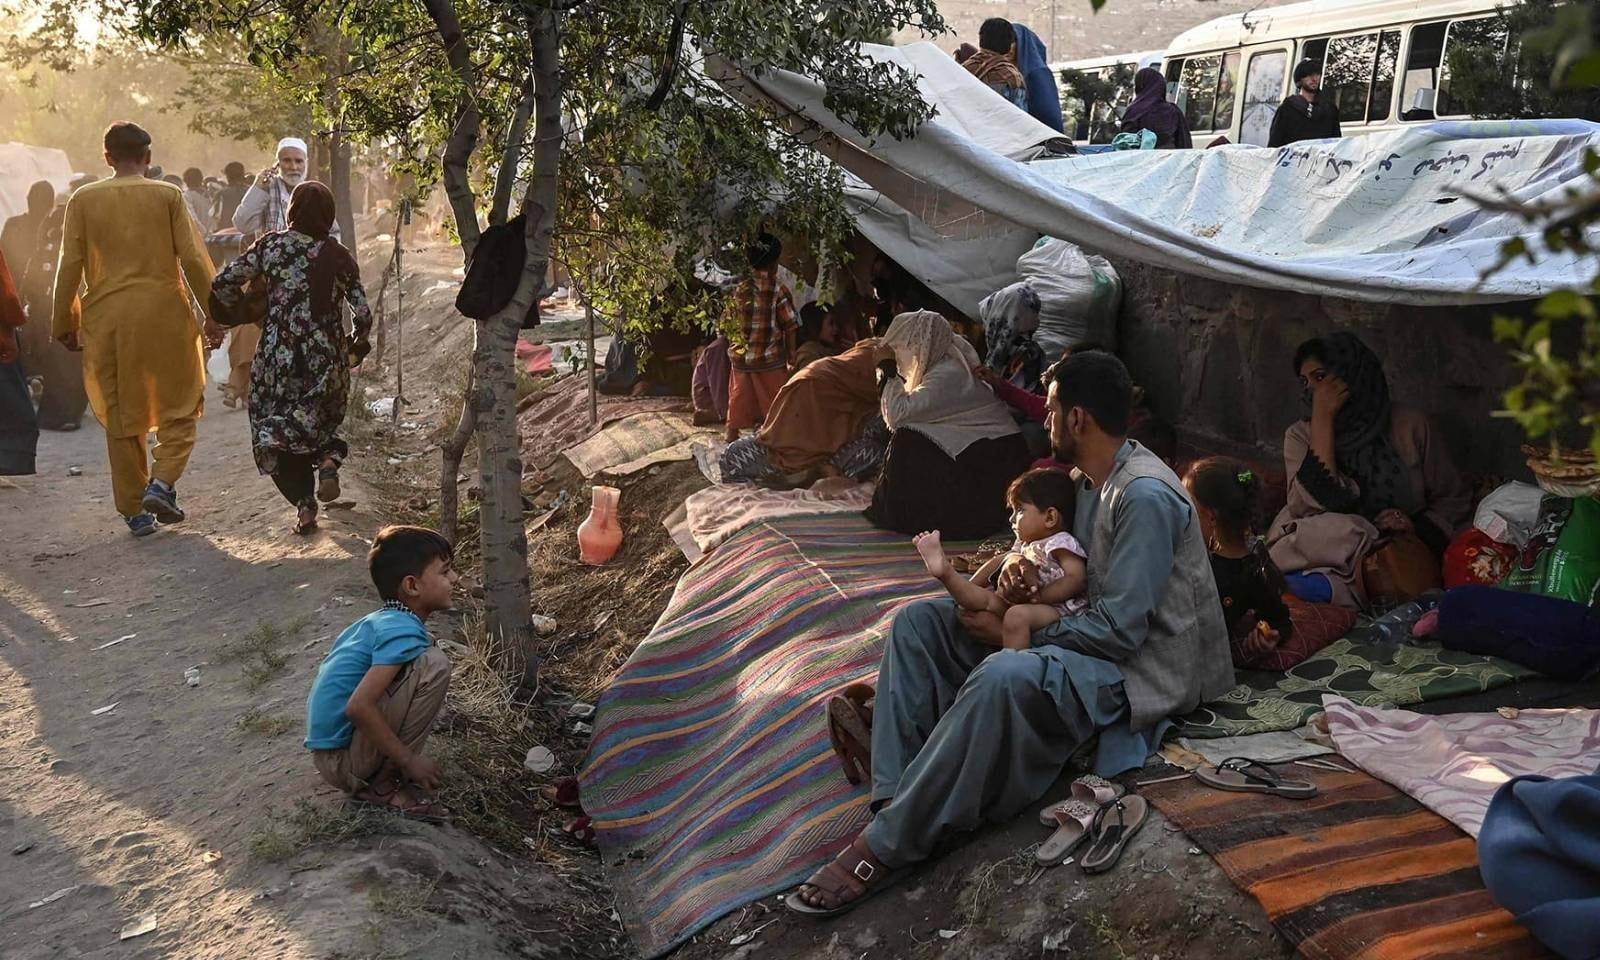 کابل کے عوامی مقامات پر بڑی تعداد میں دیگر صوبوں سے ہجرت کرنے والے لوگ موجود ہیں — فوٹو: اے ایف پی